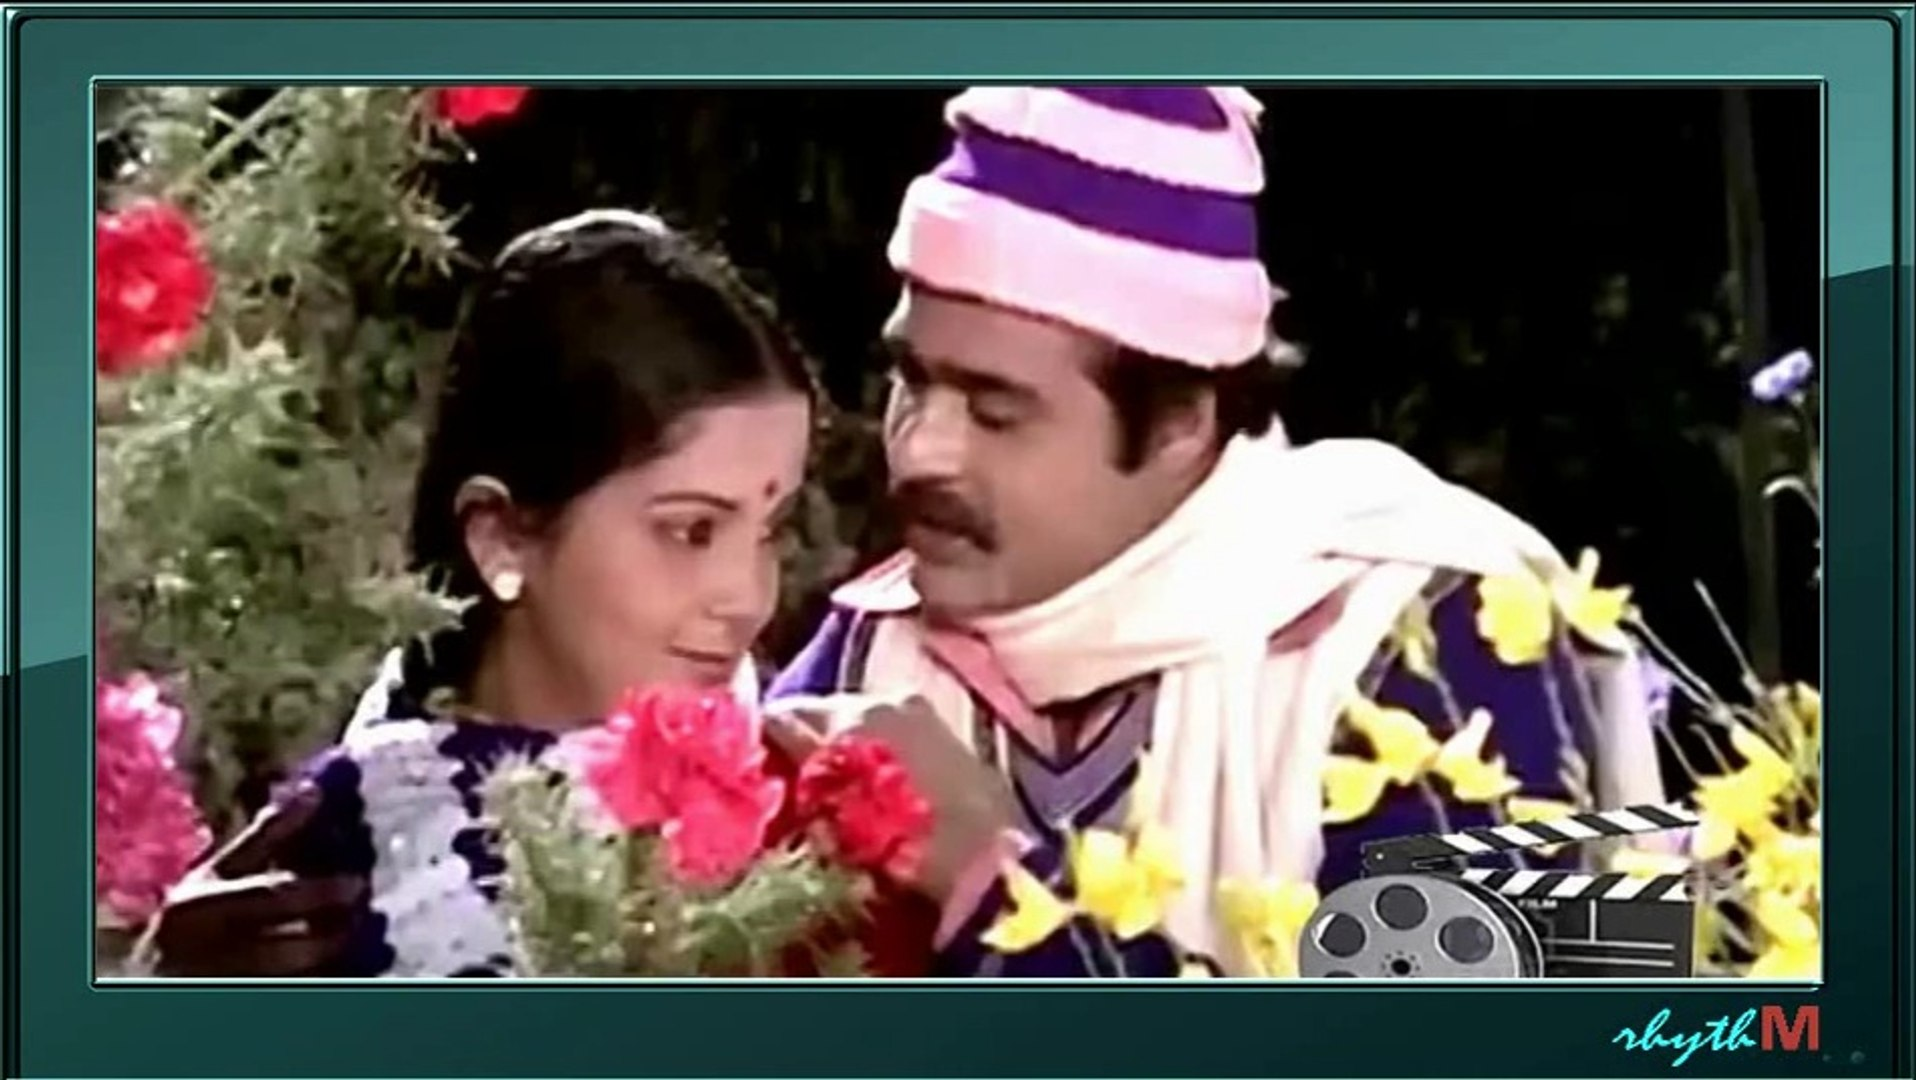 thusharam movie songs